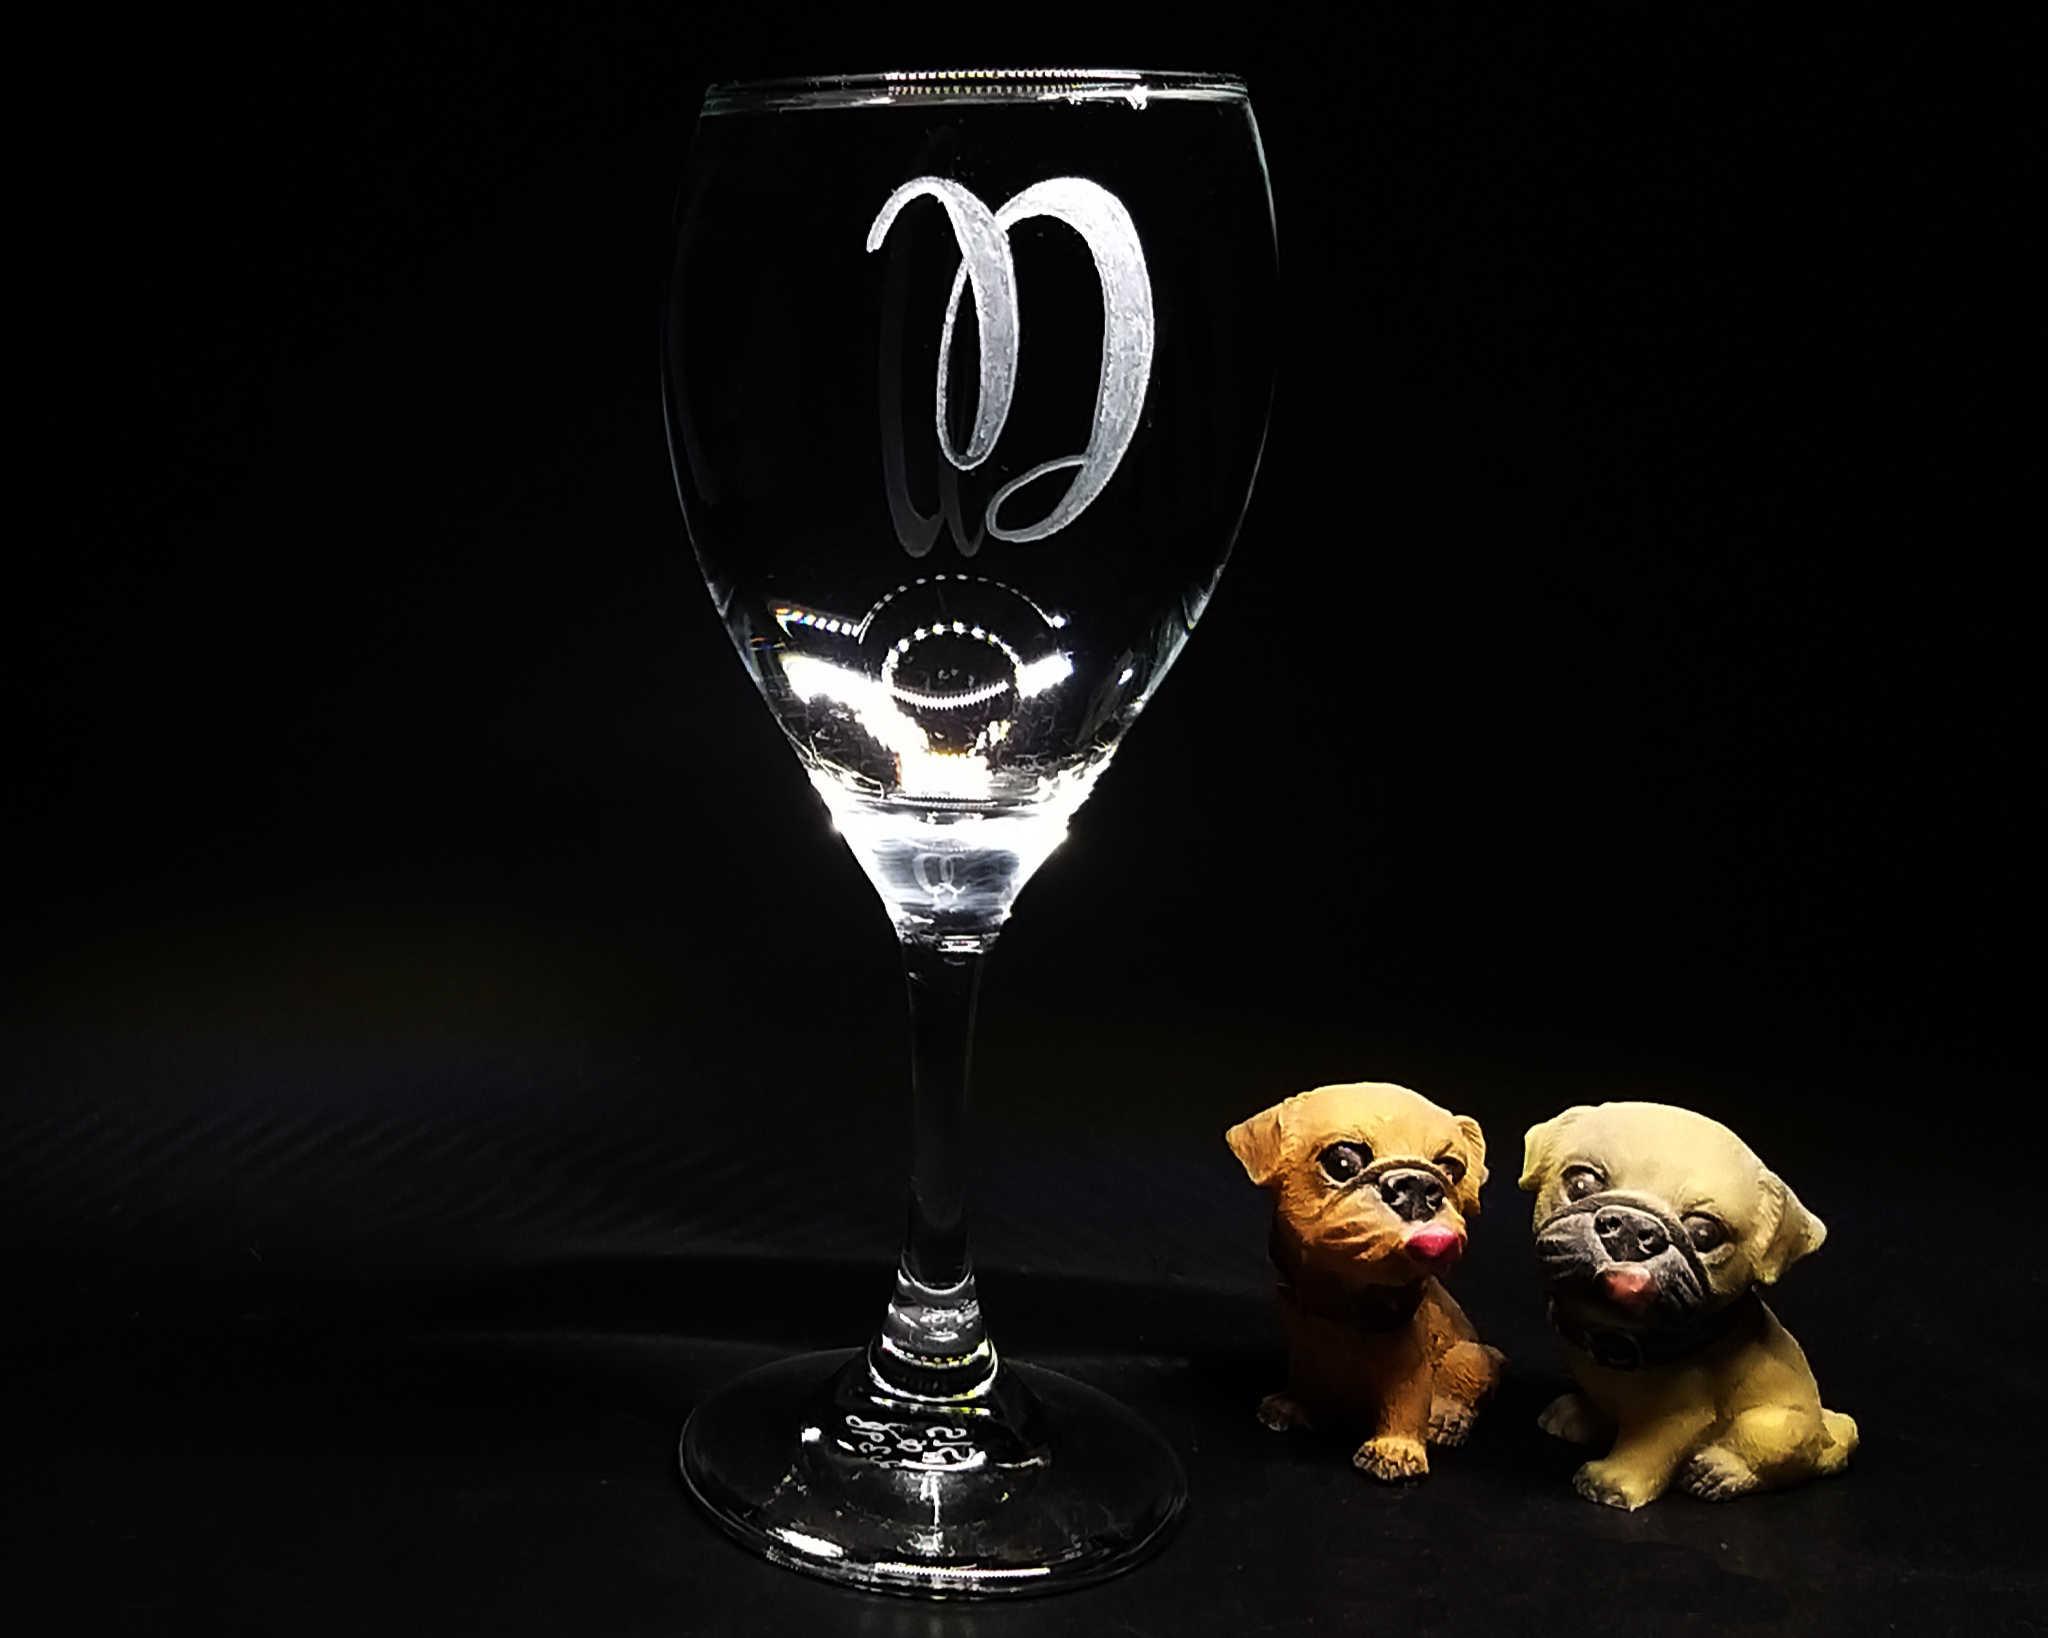 כוס יין עם חריטה של אות